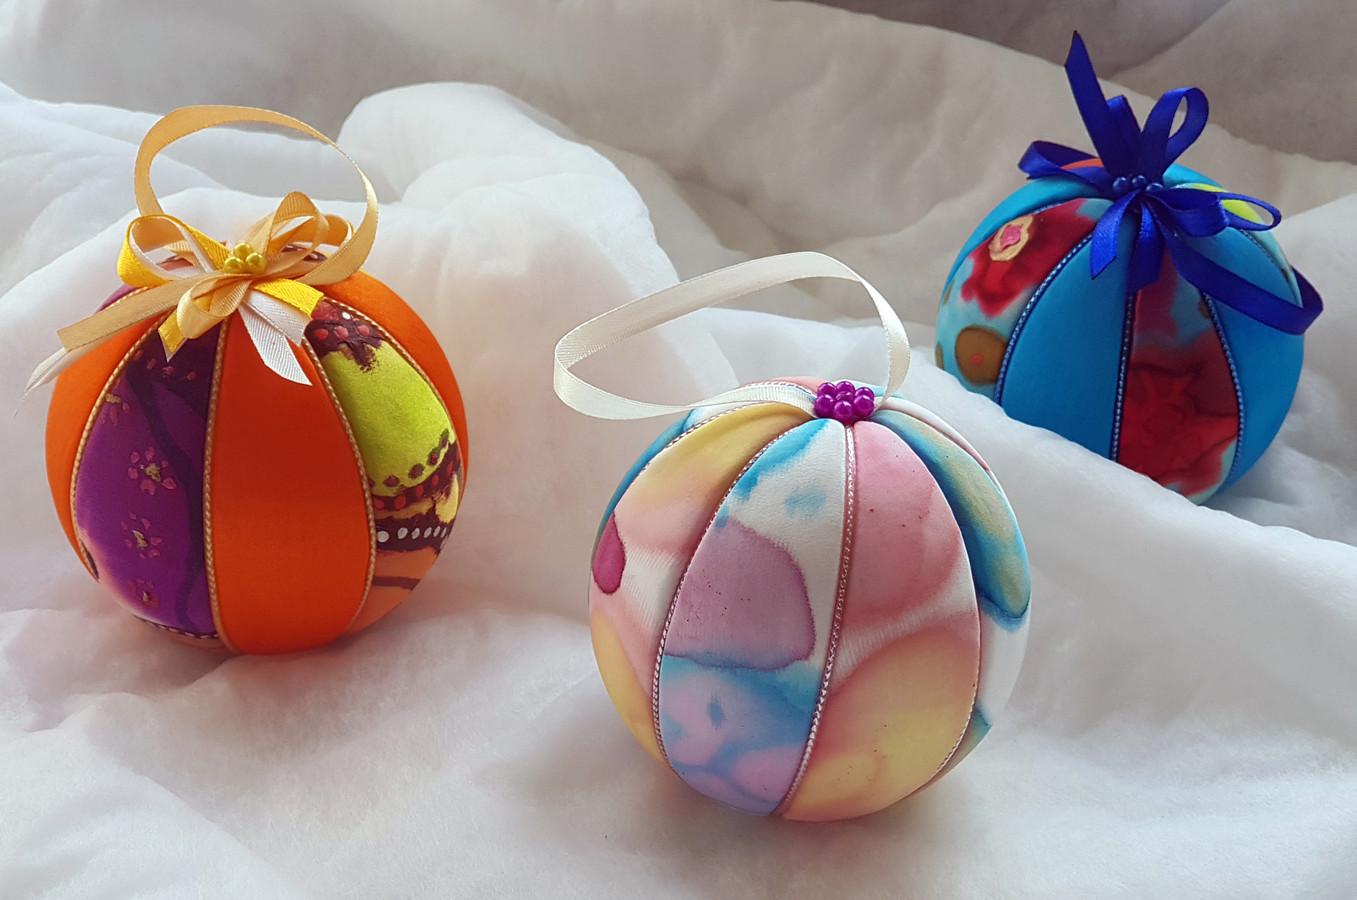 Visus Lietuvos  1 - 12 klasių moksleivius kviečiame  pasinaudoti kultūros paso teikiamomis galimybėmis ir atvykti tapyti šilkinių skarelių, nosinaičių ar Kalėdinių, Velykinių papuošimų.